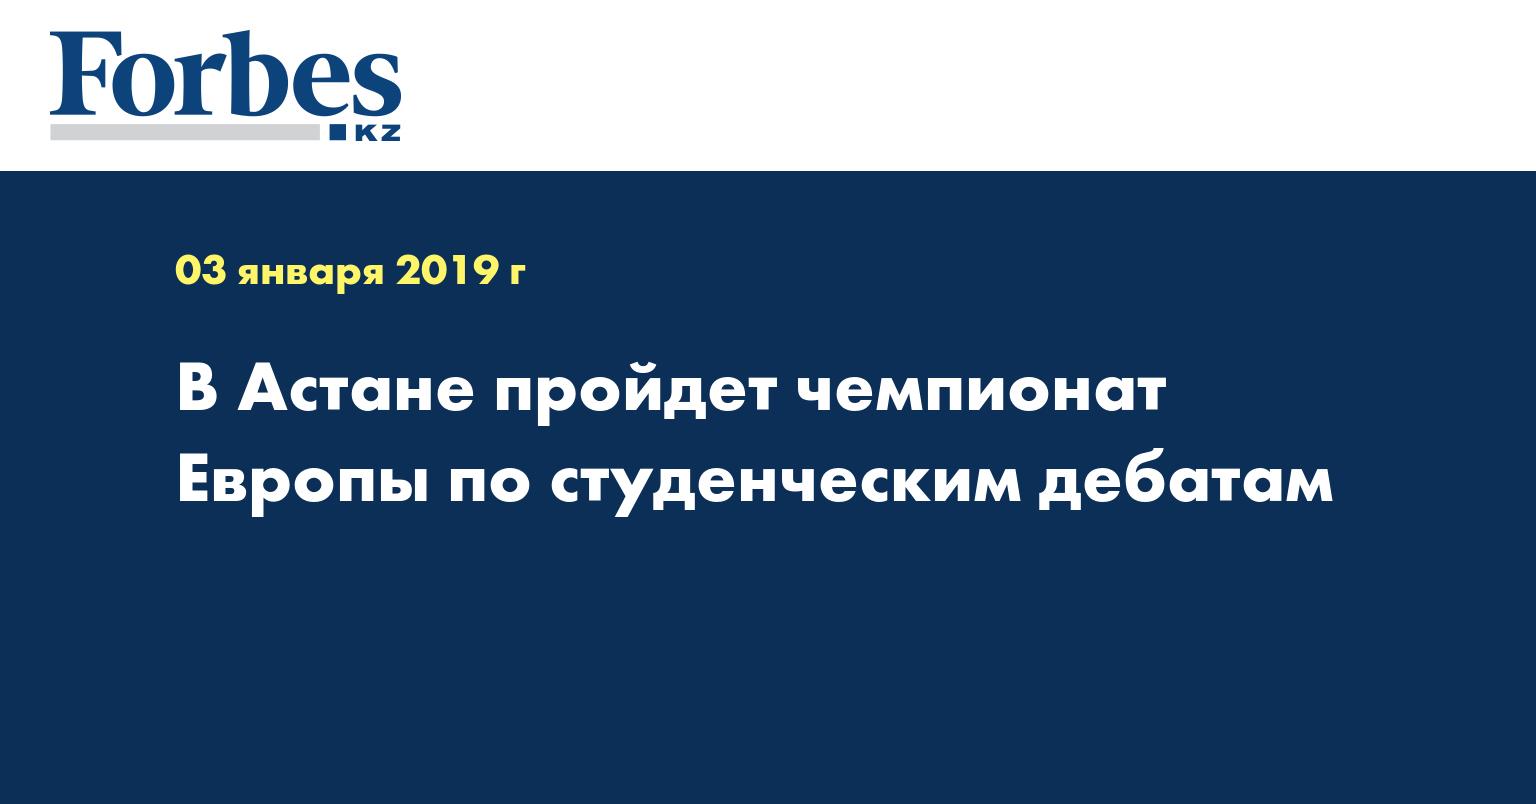 В Астане пройдет чемпионат Европы по студенческим дебатам